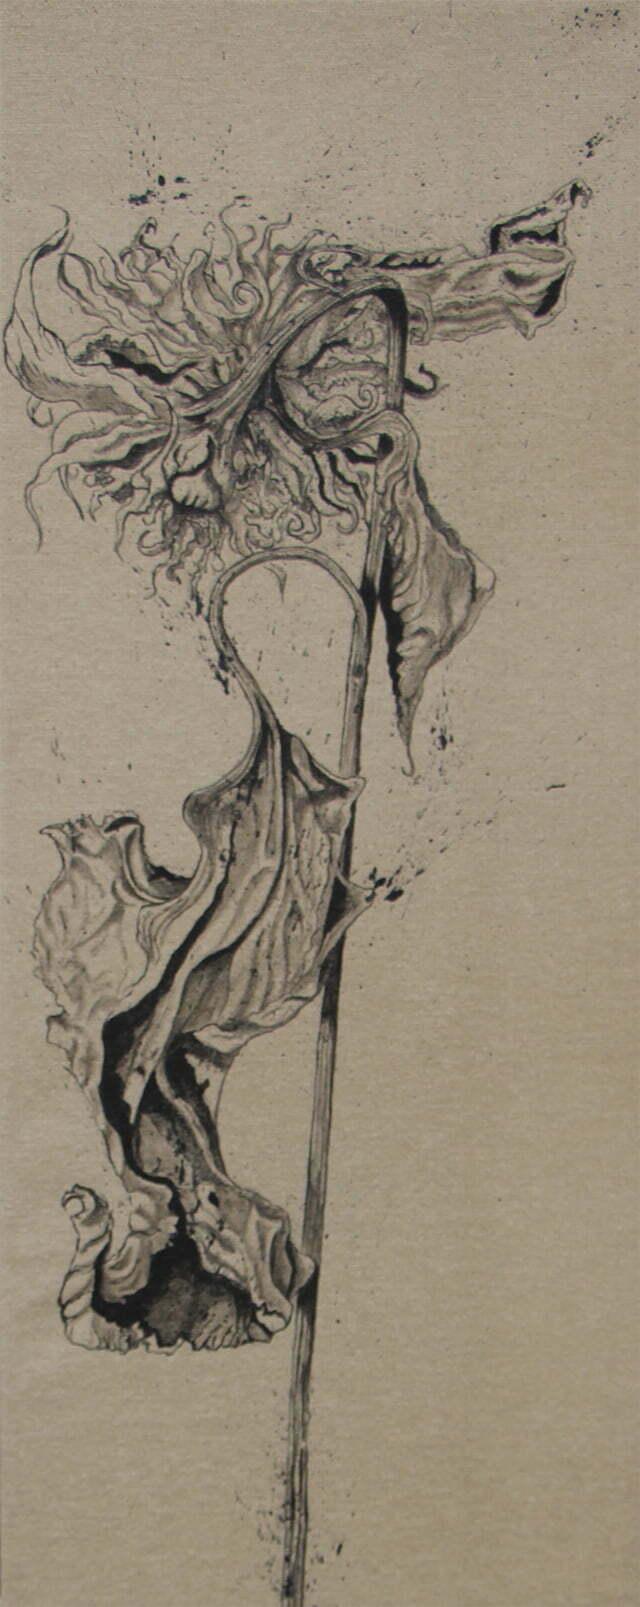 20 janvier 2021 - 40 x 100 cm - dessin encre de Chine sur toile – collection particulière.